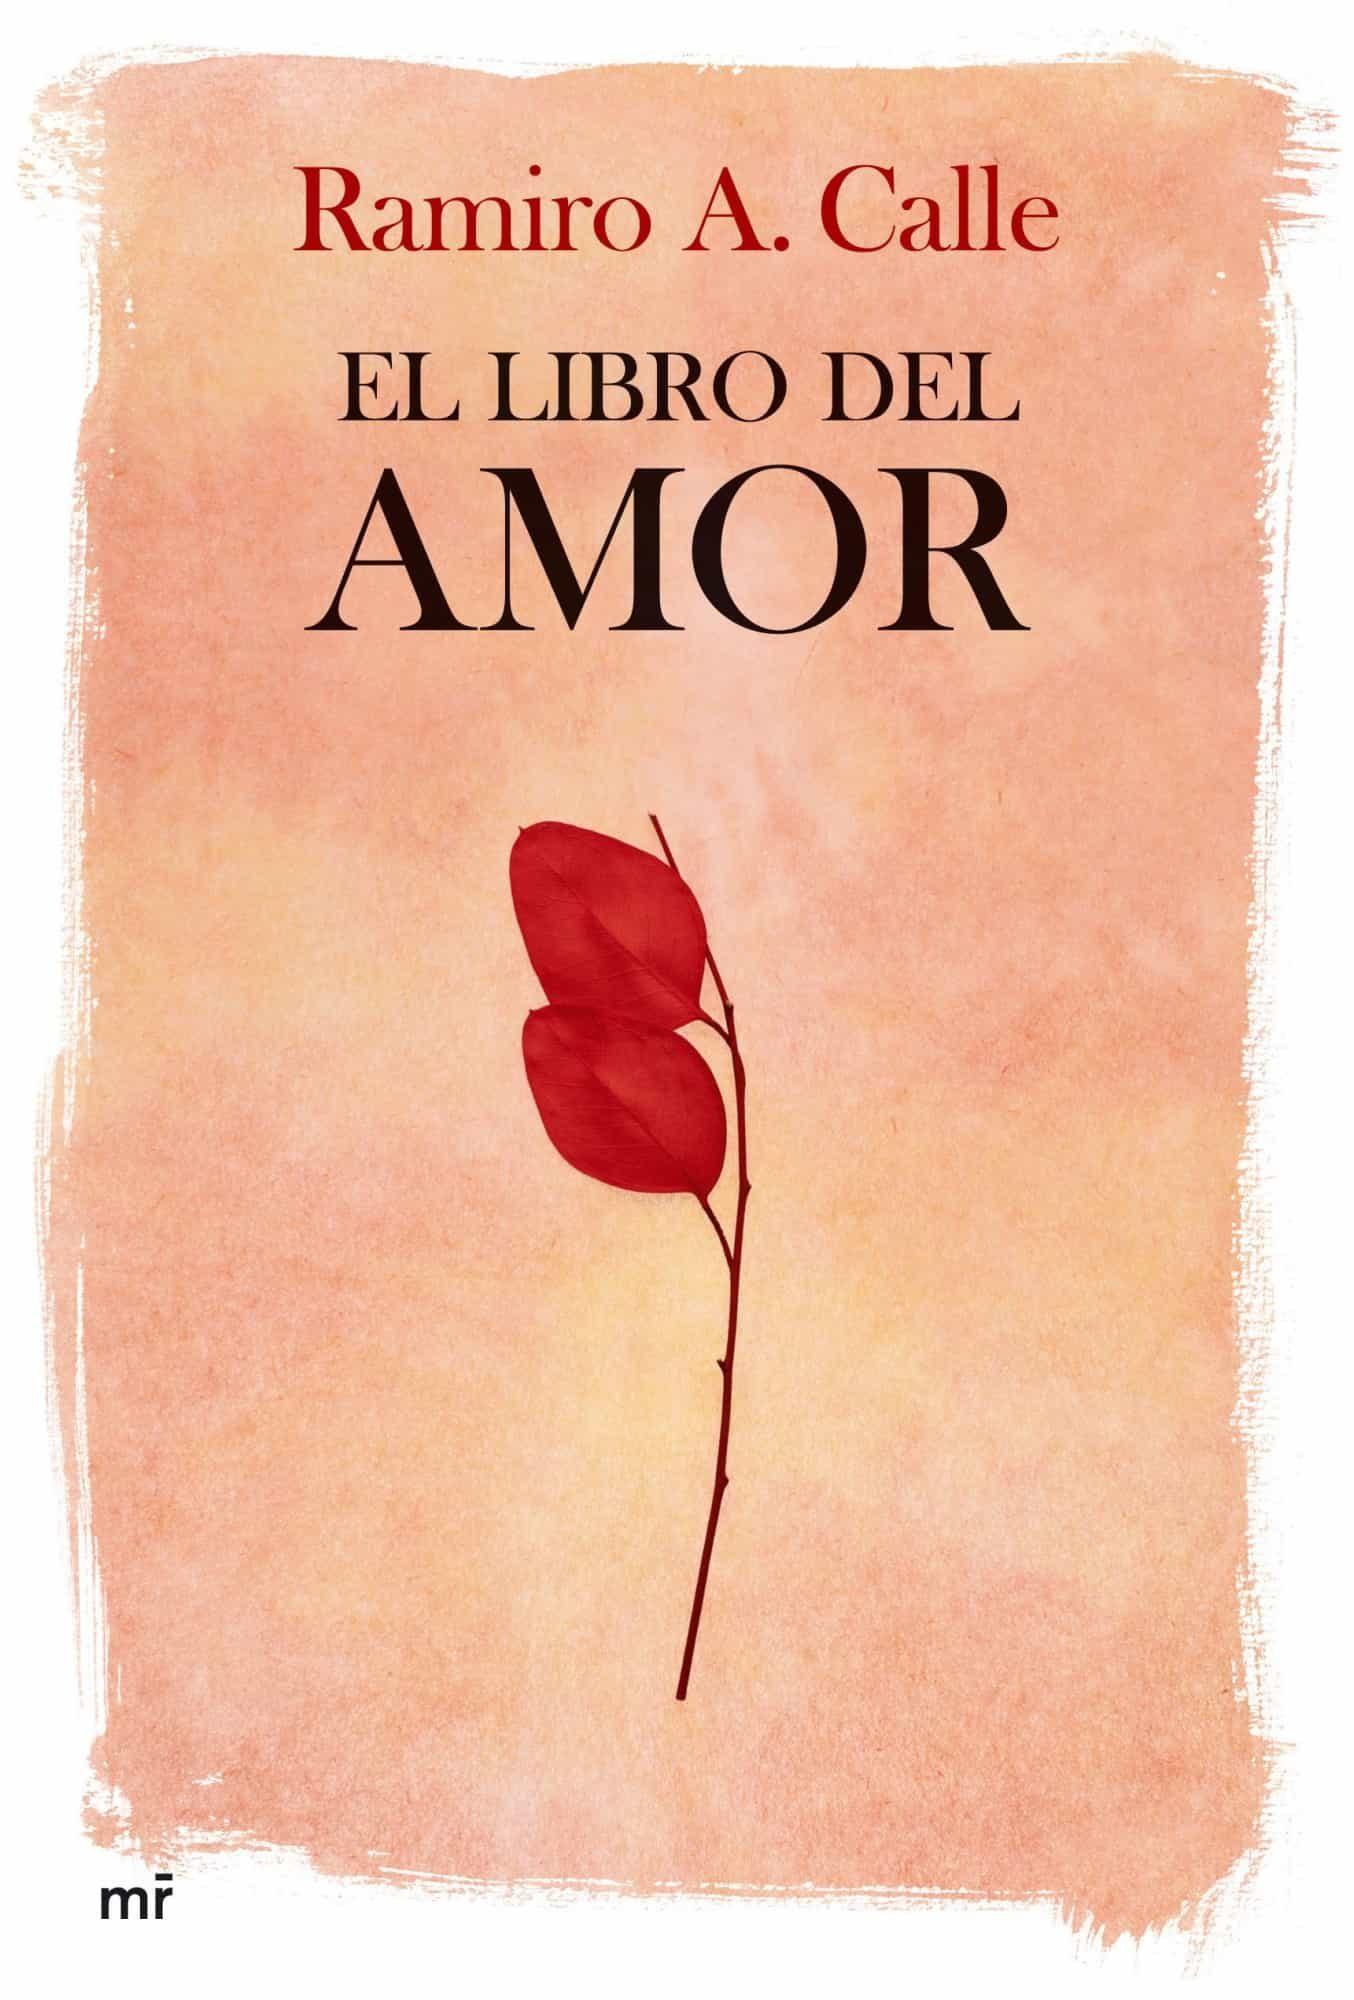 EL LIBRO DEL AMOR   RAMIRO CALLE   Comprar libro 9788427033795